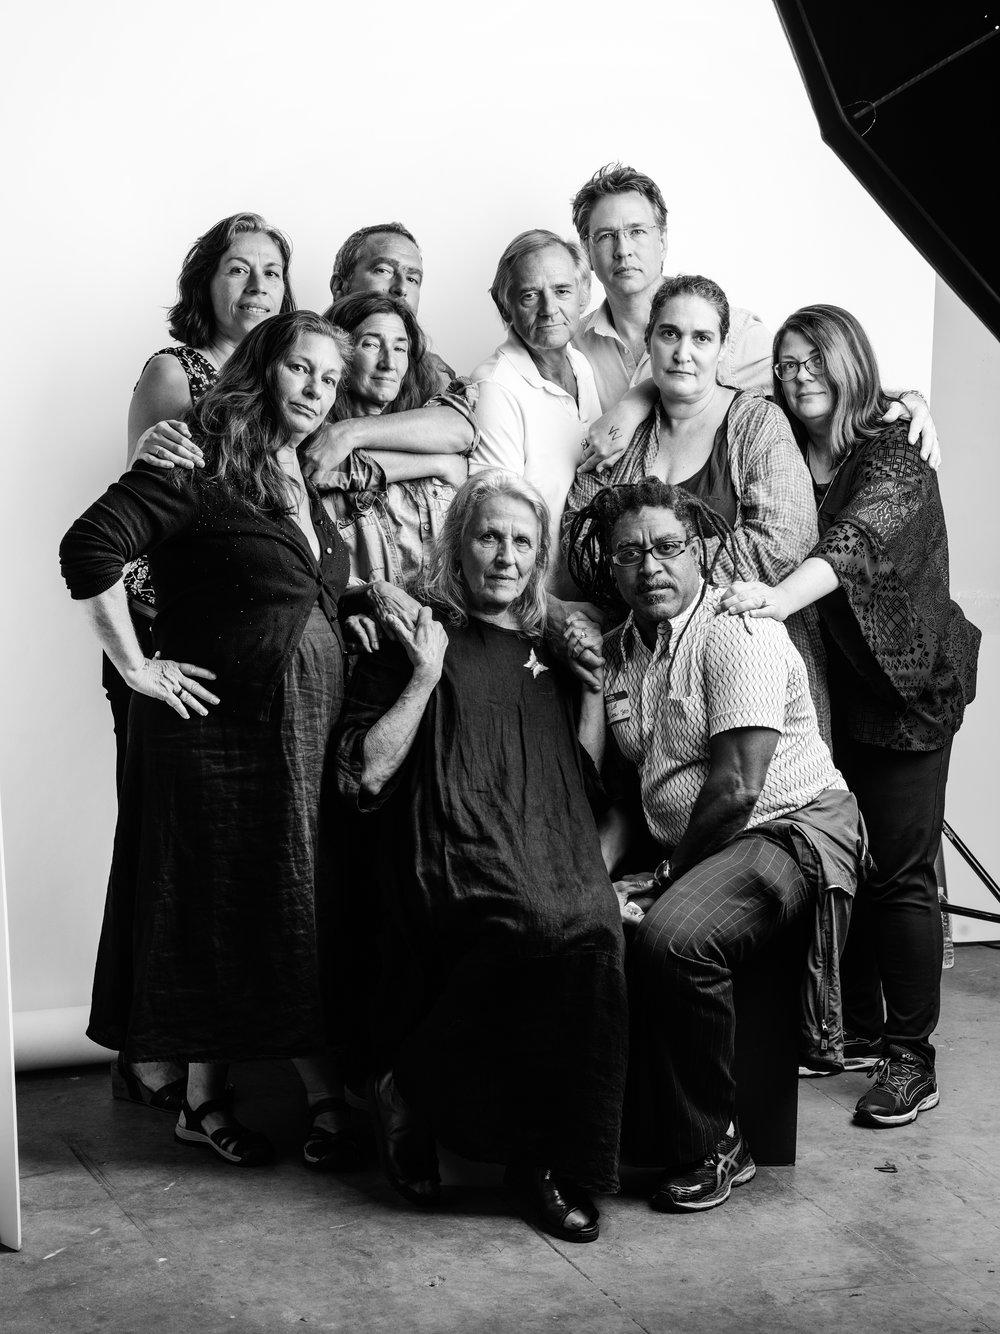 EDNA SUAREZ, LINDA ROSIER, ANDREW LICHTENSTEIN, JAMES HAMILTON, GREG MILLER, MEG HANDLER, CATHERINE MCGANN, SANDRA-LEE PHIPPS, SYLVIA PLACHY, DAVID LEE